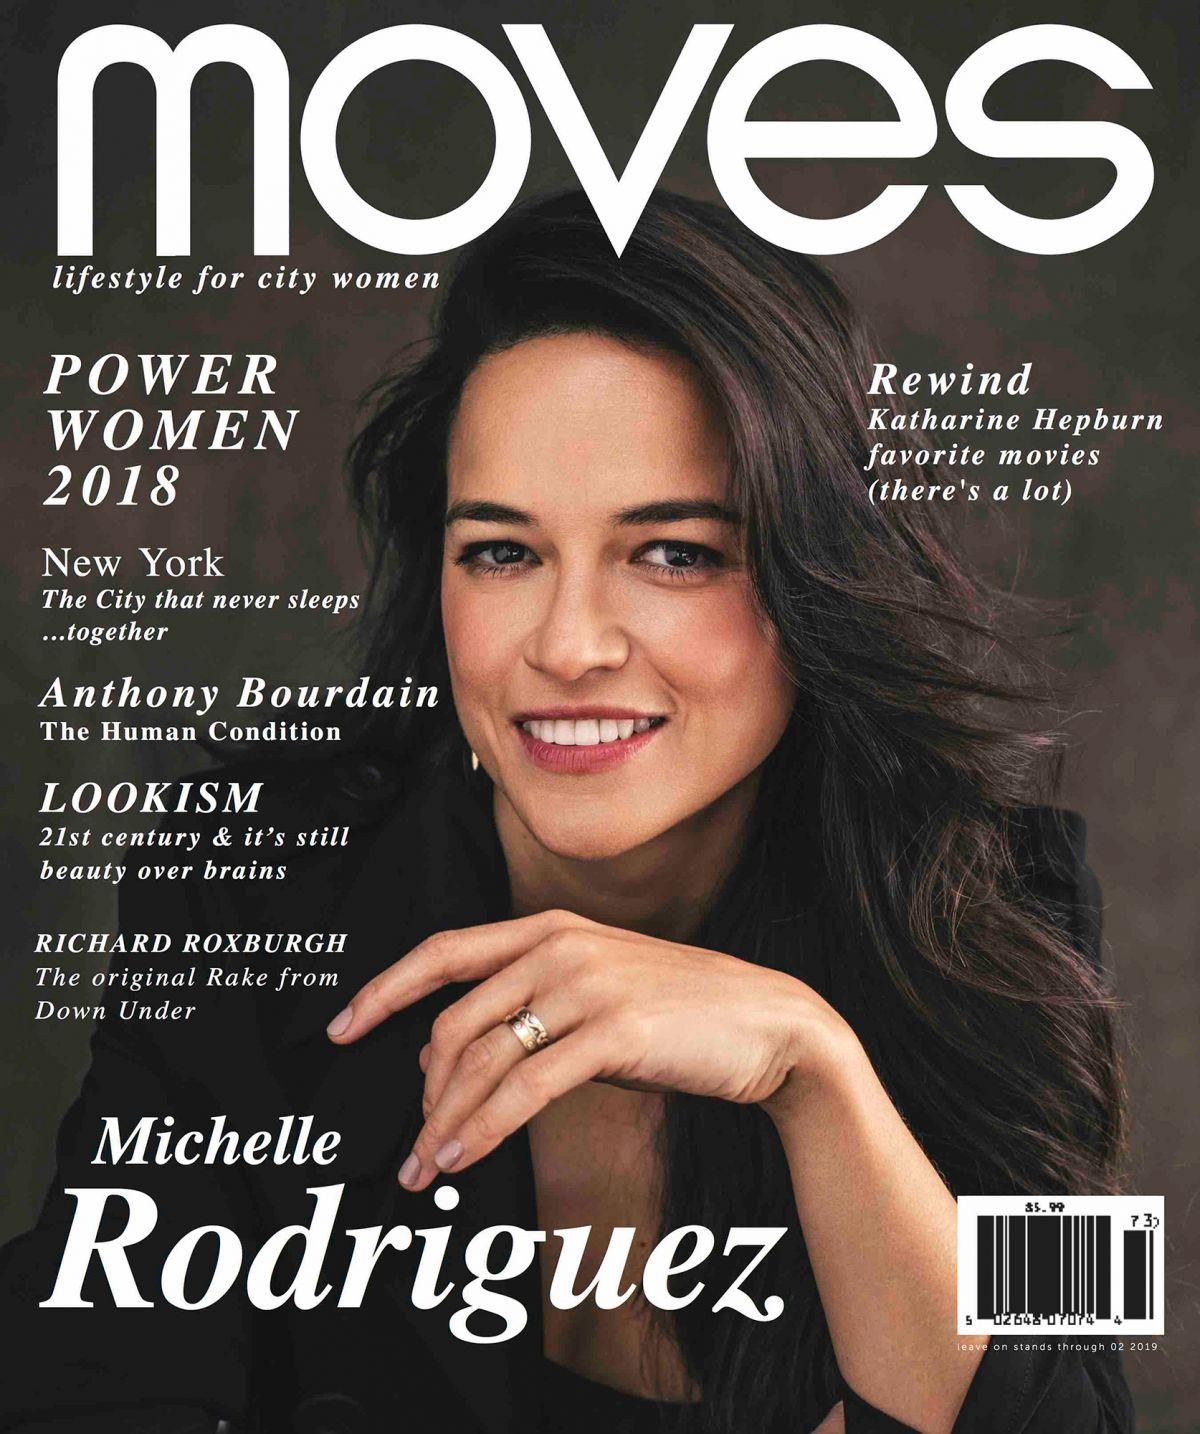 Michelle rodriguez 2019 nudes (45 images)